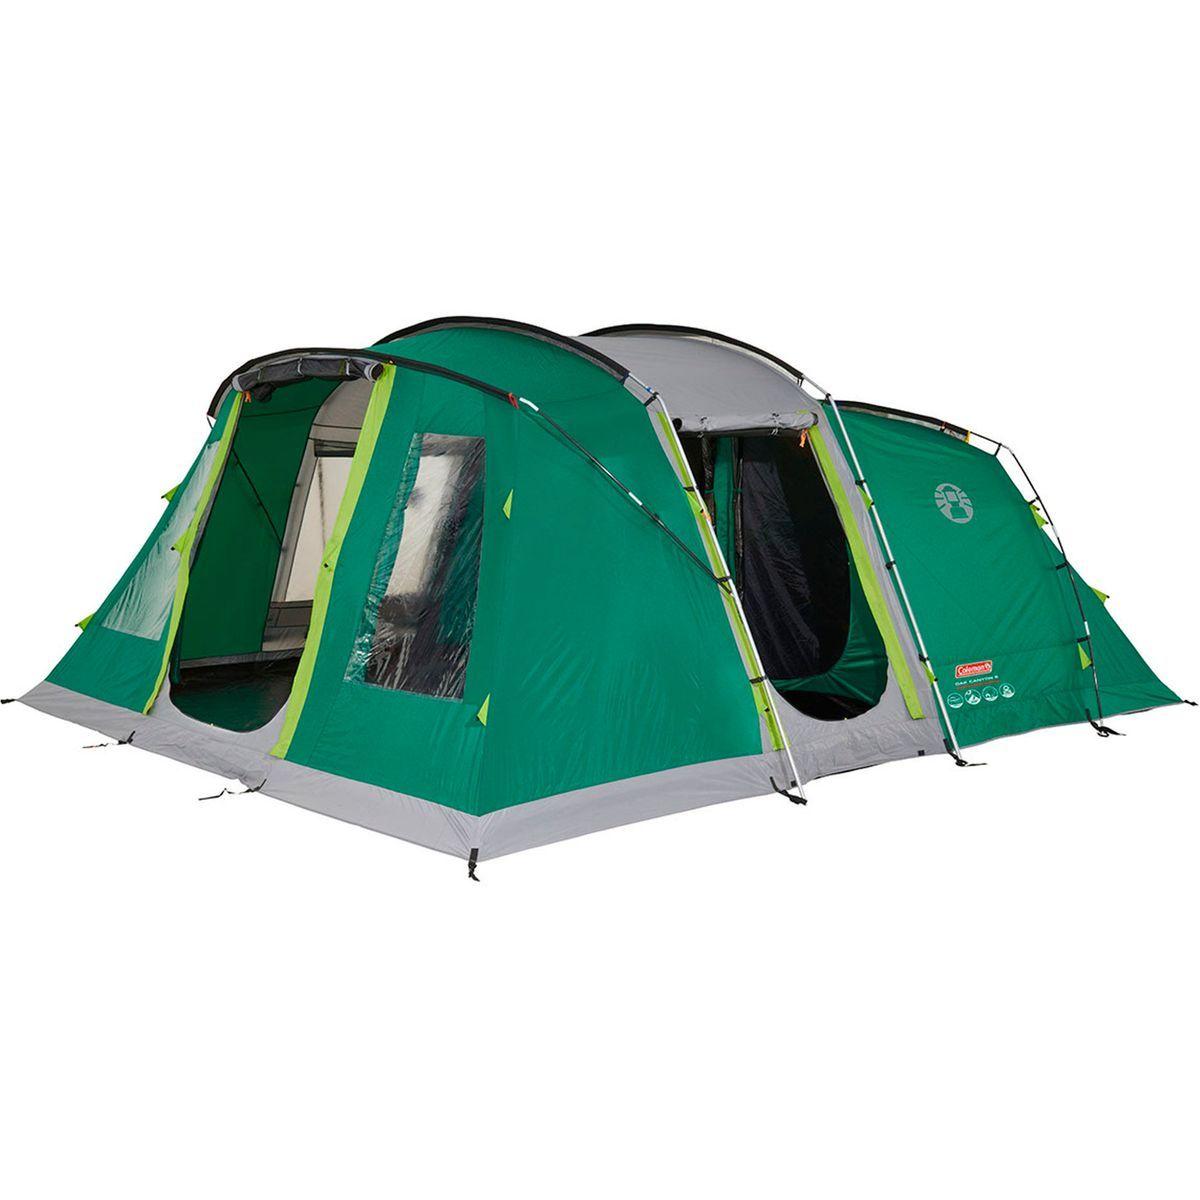 Oak Canyon 6 Tente Gris Vert Taille 6 Places Products Tente Coleman Vert De Gris Et Tente Familiale